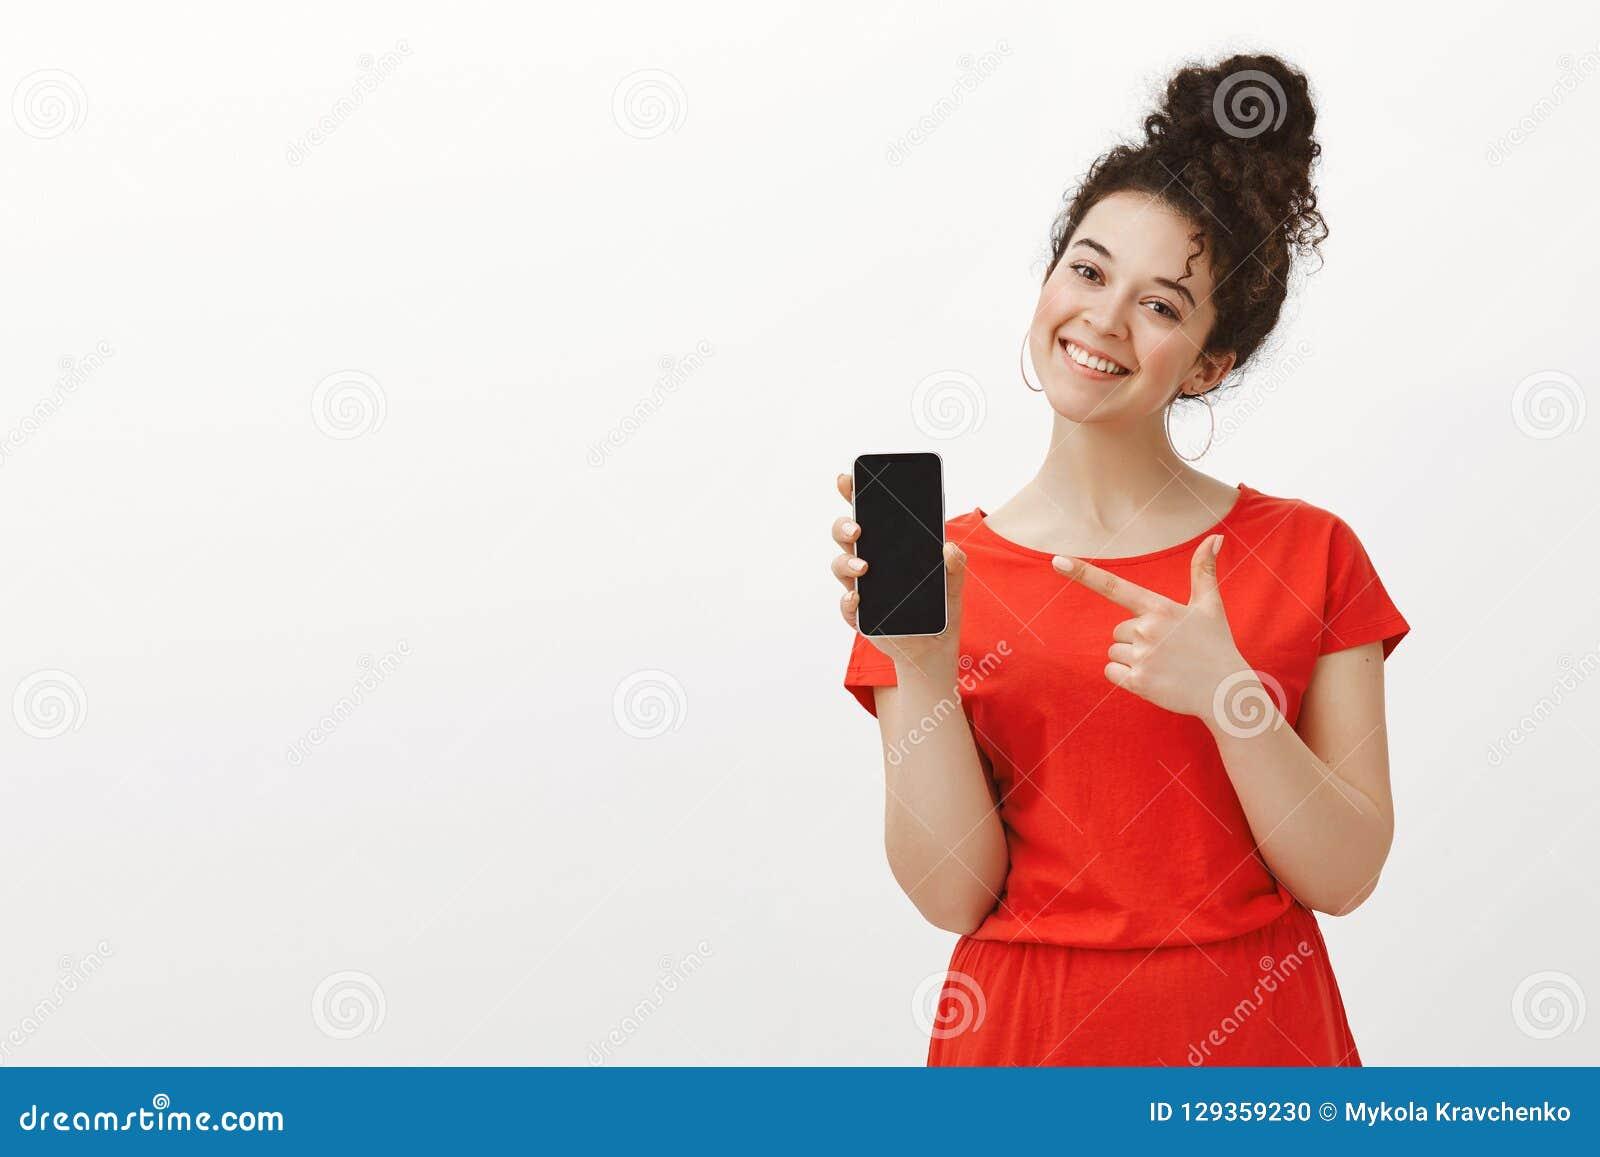 Erfreute sorglose Freundin im netten roten Kleid, Smartphone zeigend und breit lächeln mit gekipptem Kopf beim Zeigen auf